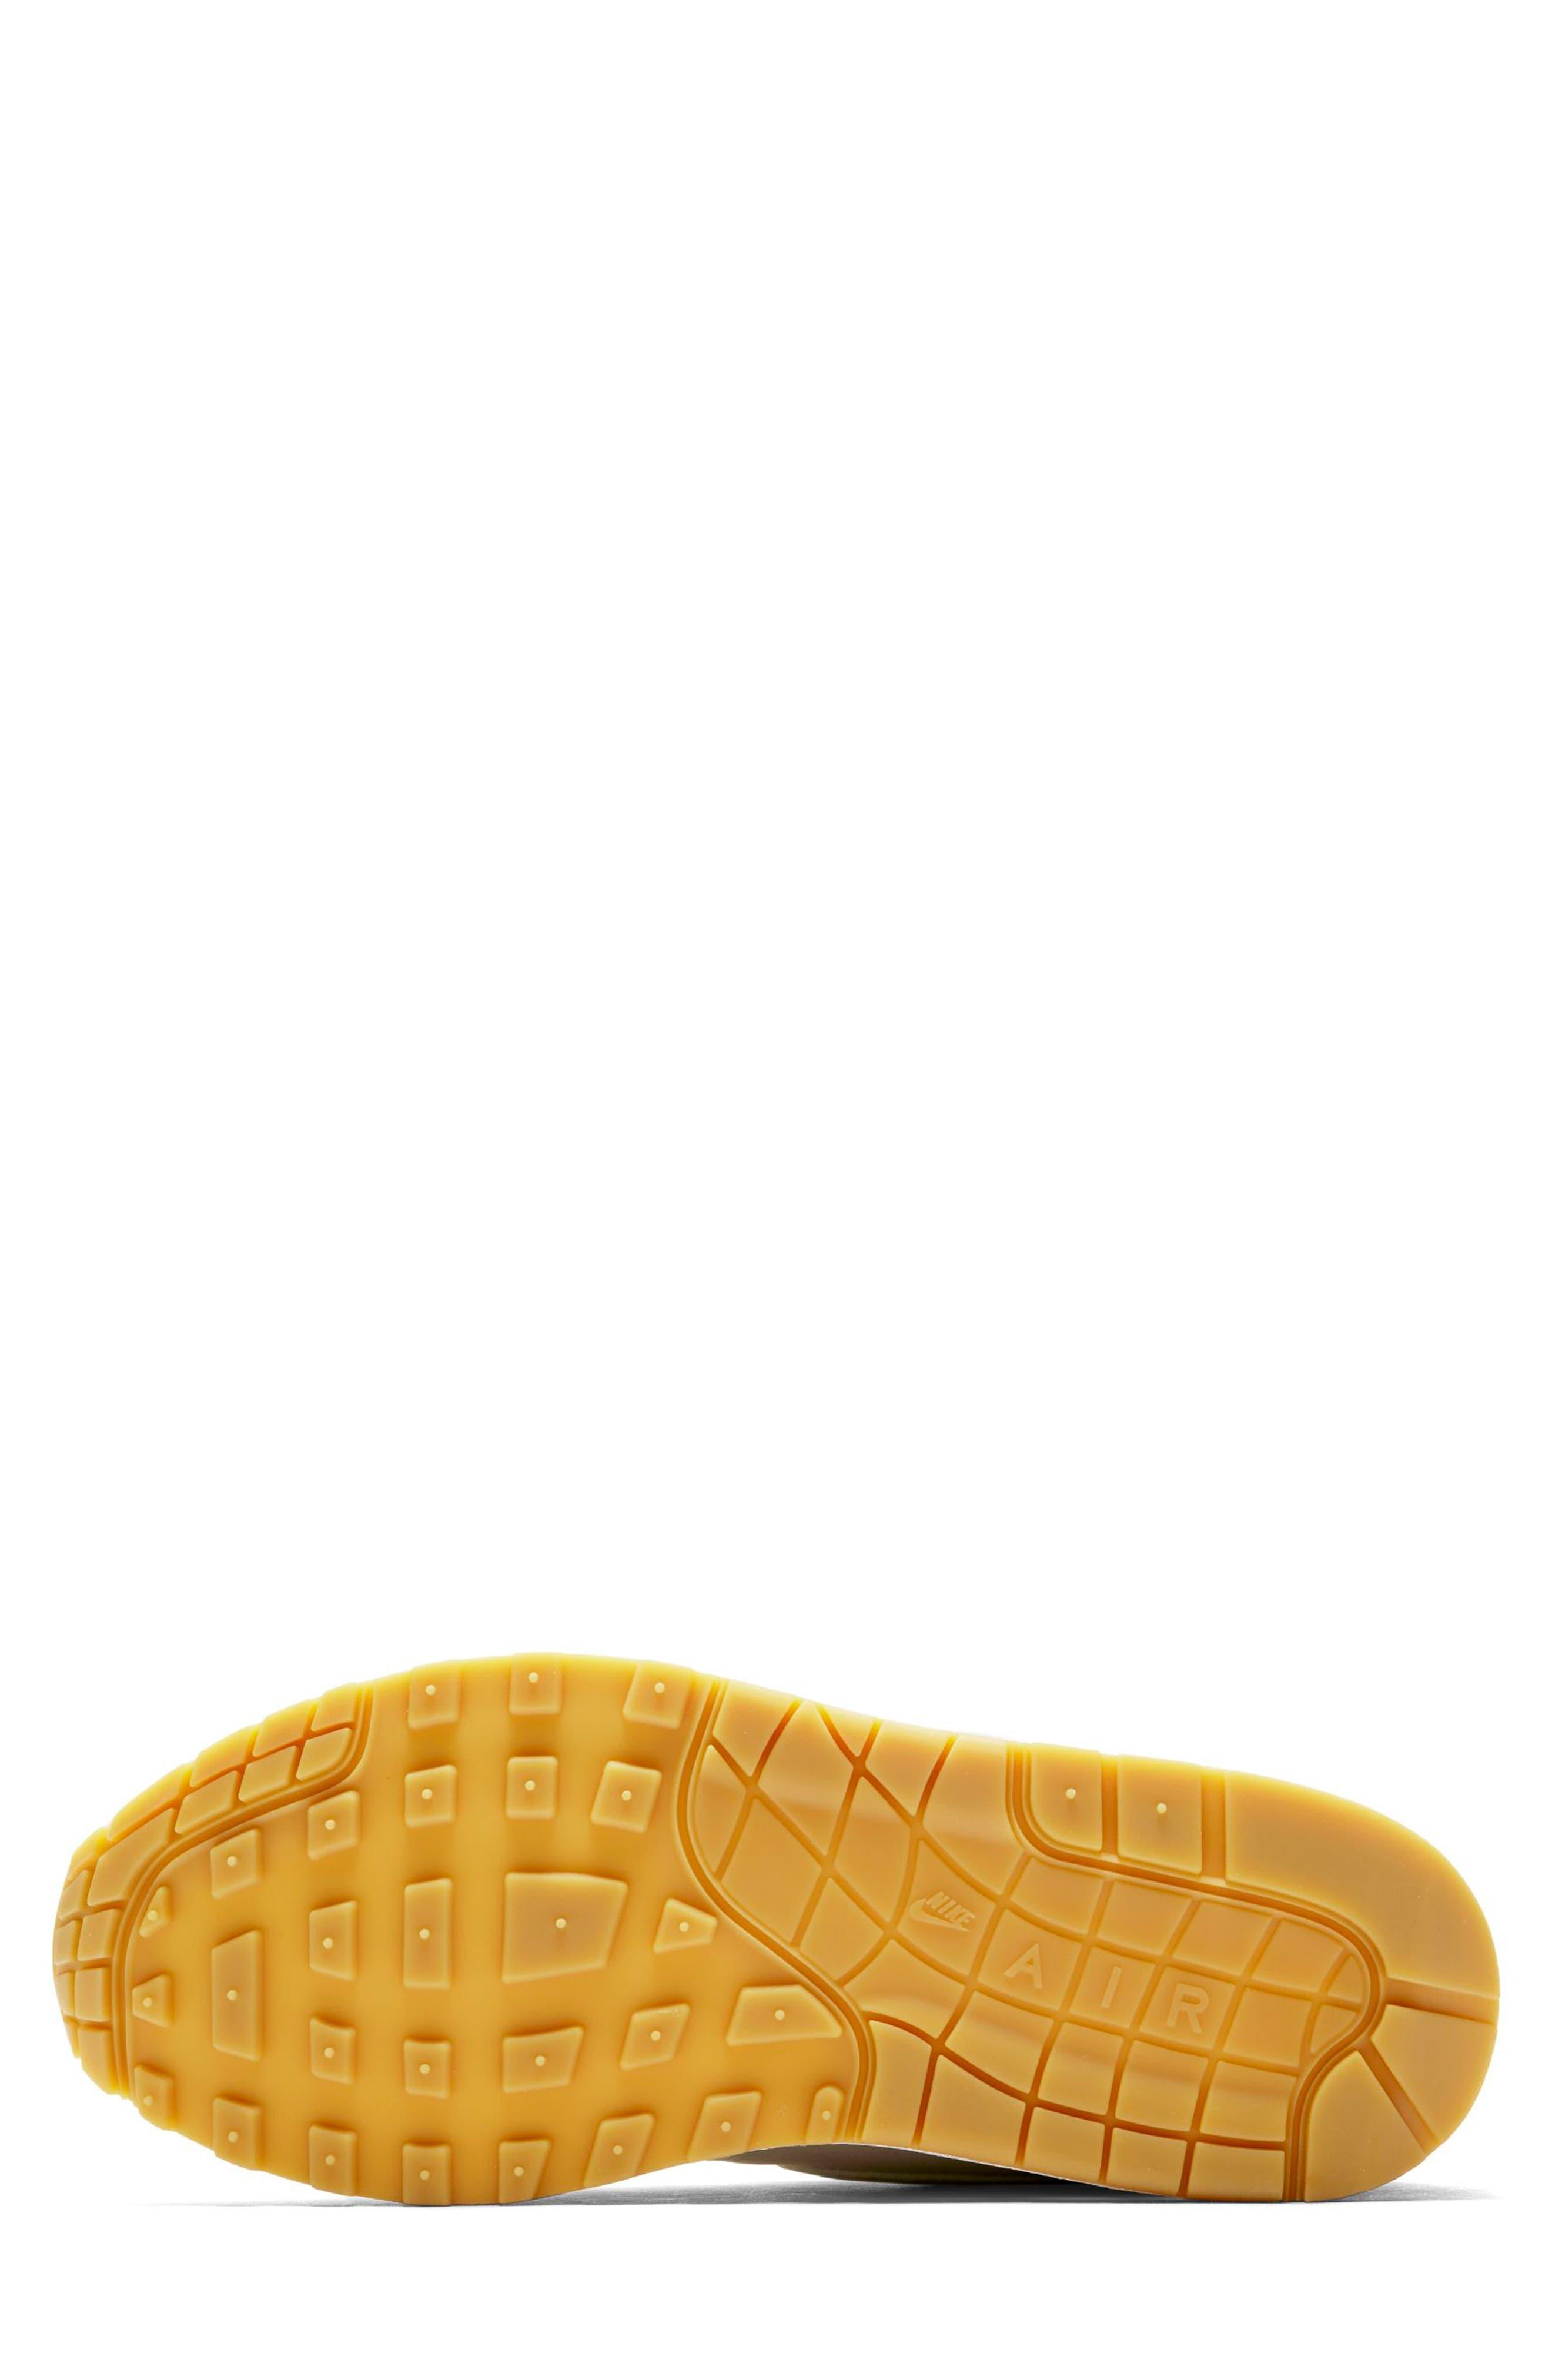 Air Max 1 Sneaker,                             Alternate thumbnail 5, color,                             DESERT SAND